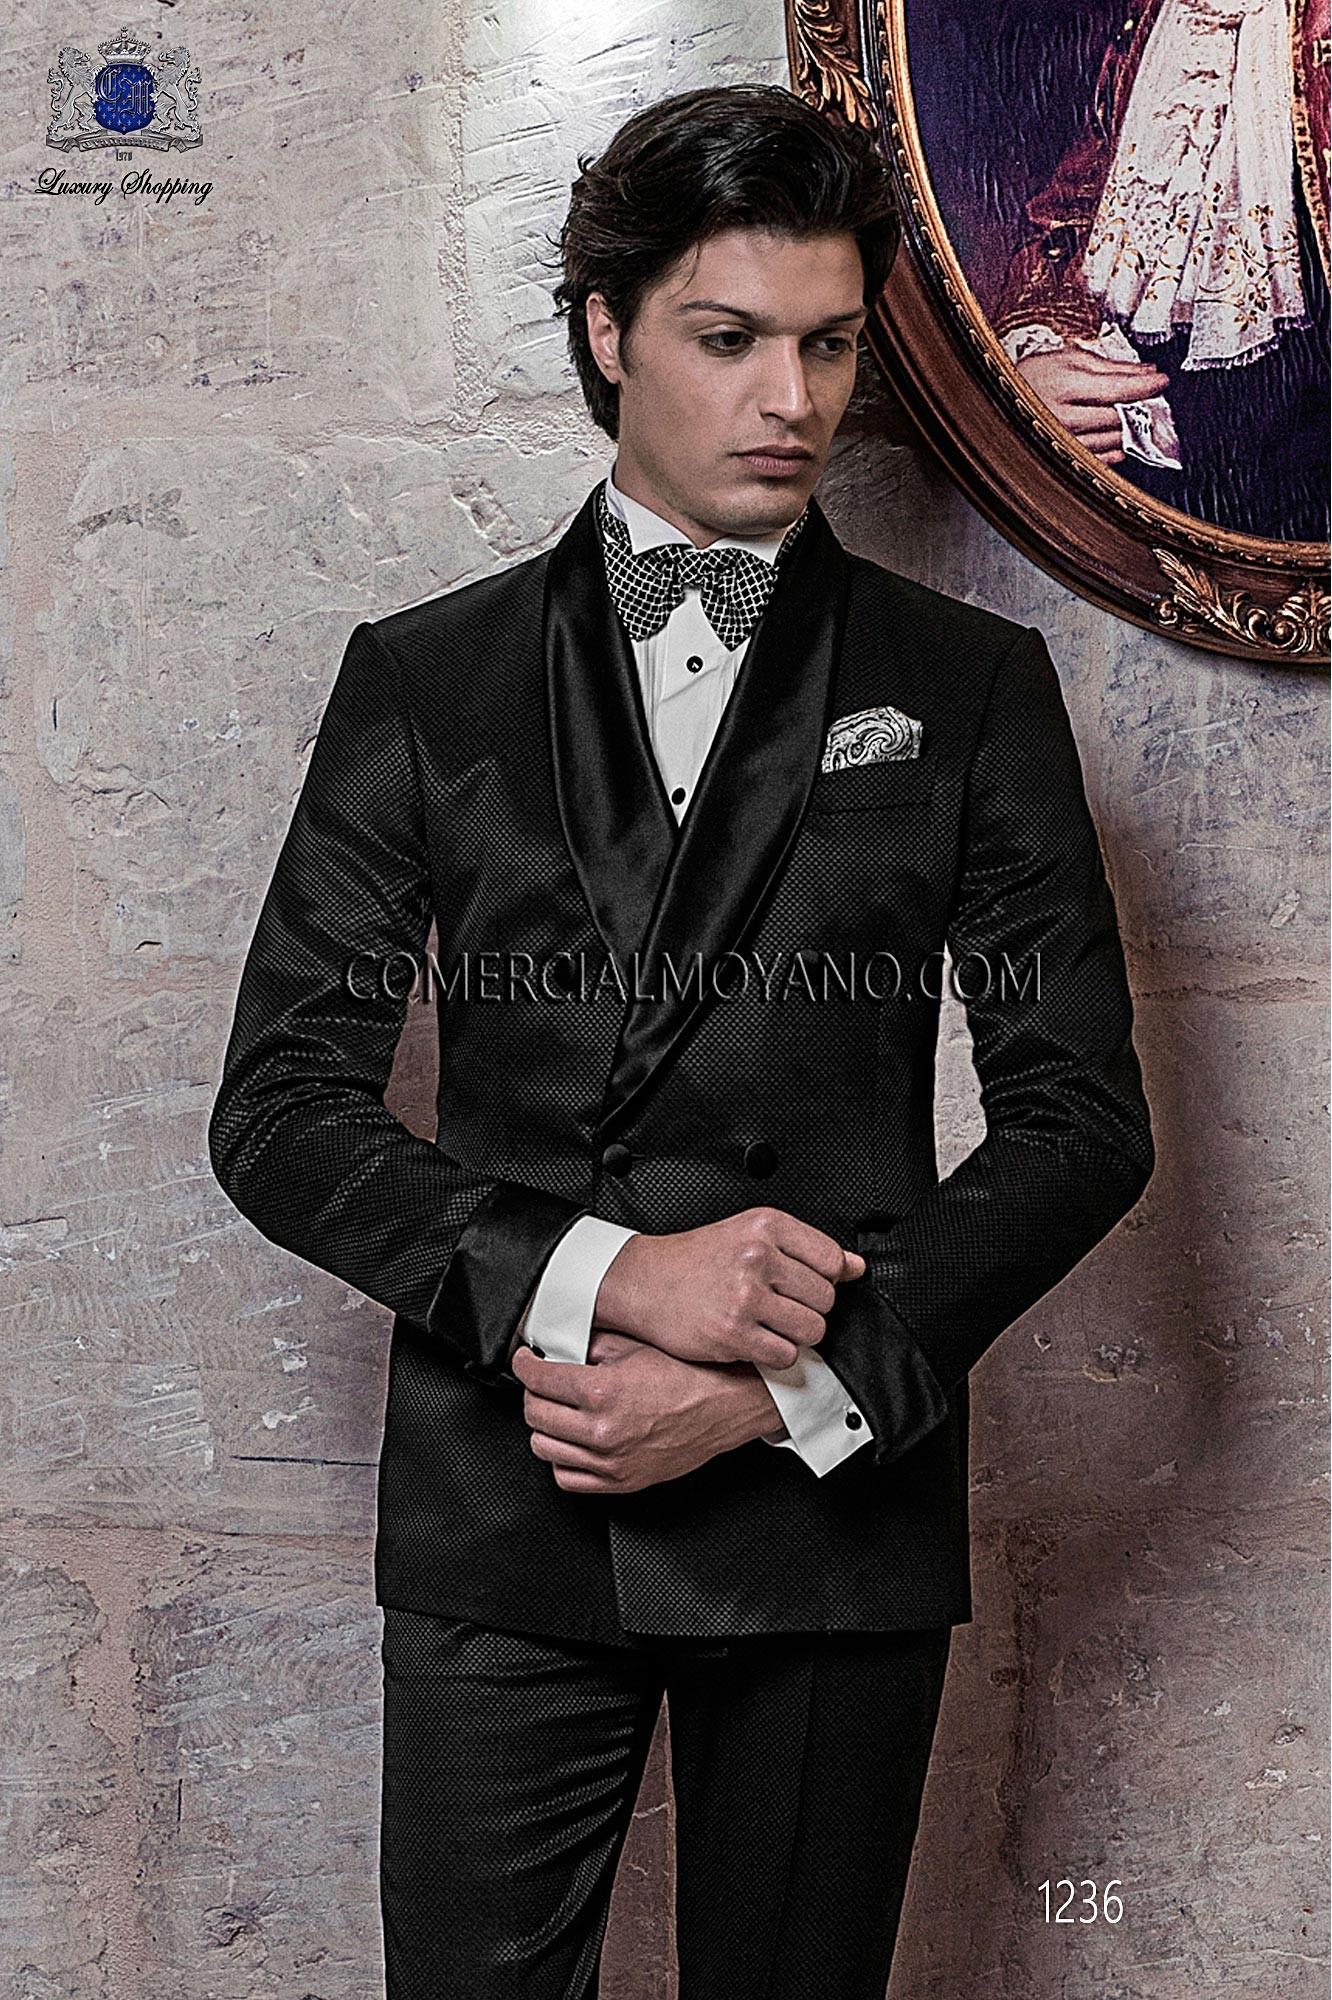 Traje BlackTie de novio negro modelo: 1236 Ottavio Nuccio Gala colección Black Tie 2017